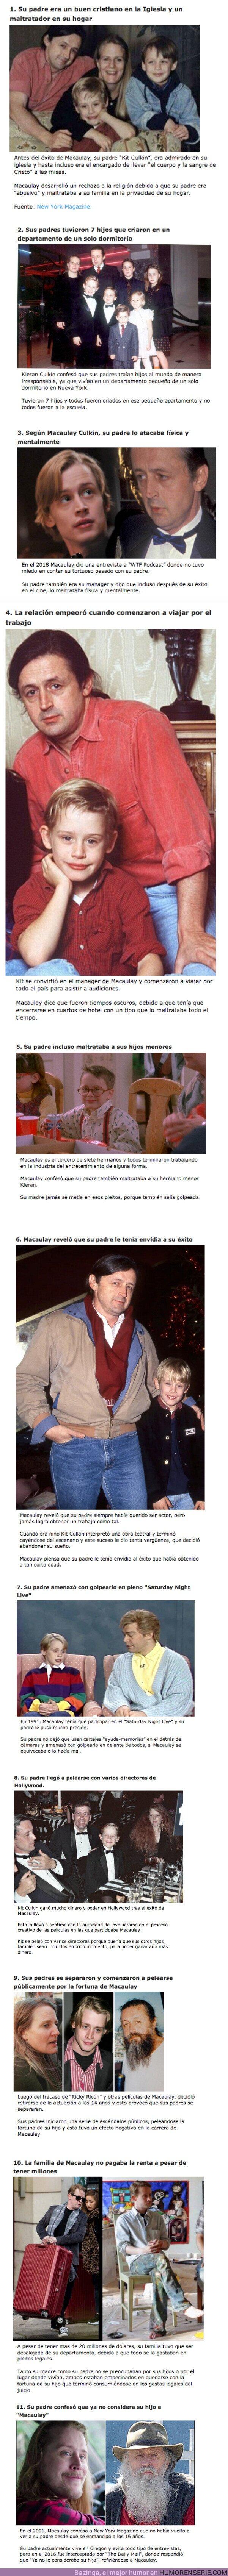 62838 - GALERÍA: 11 Escándalos del padre de Macaulay Culkin que destruyeron la carrera de su hijo